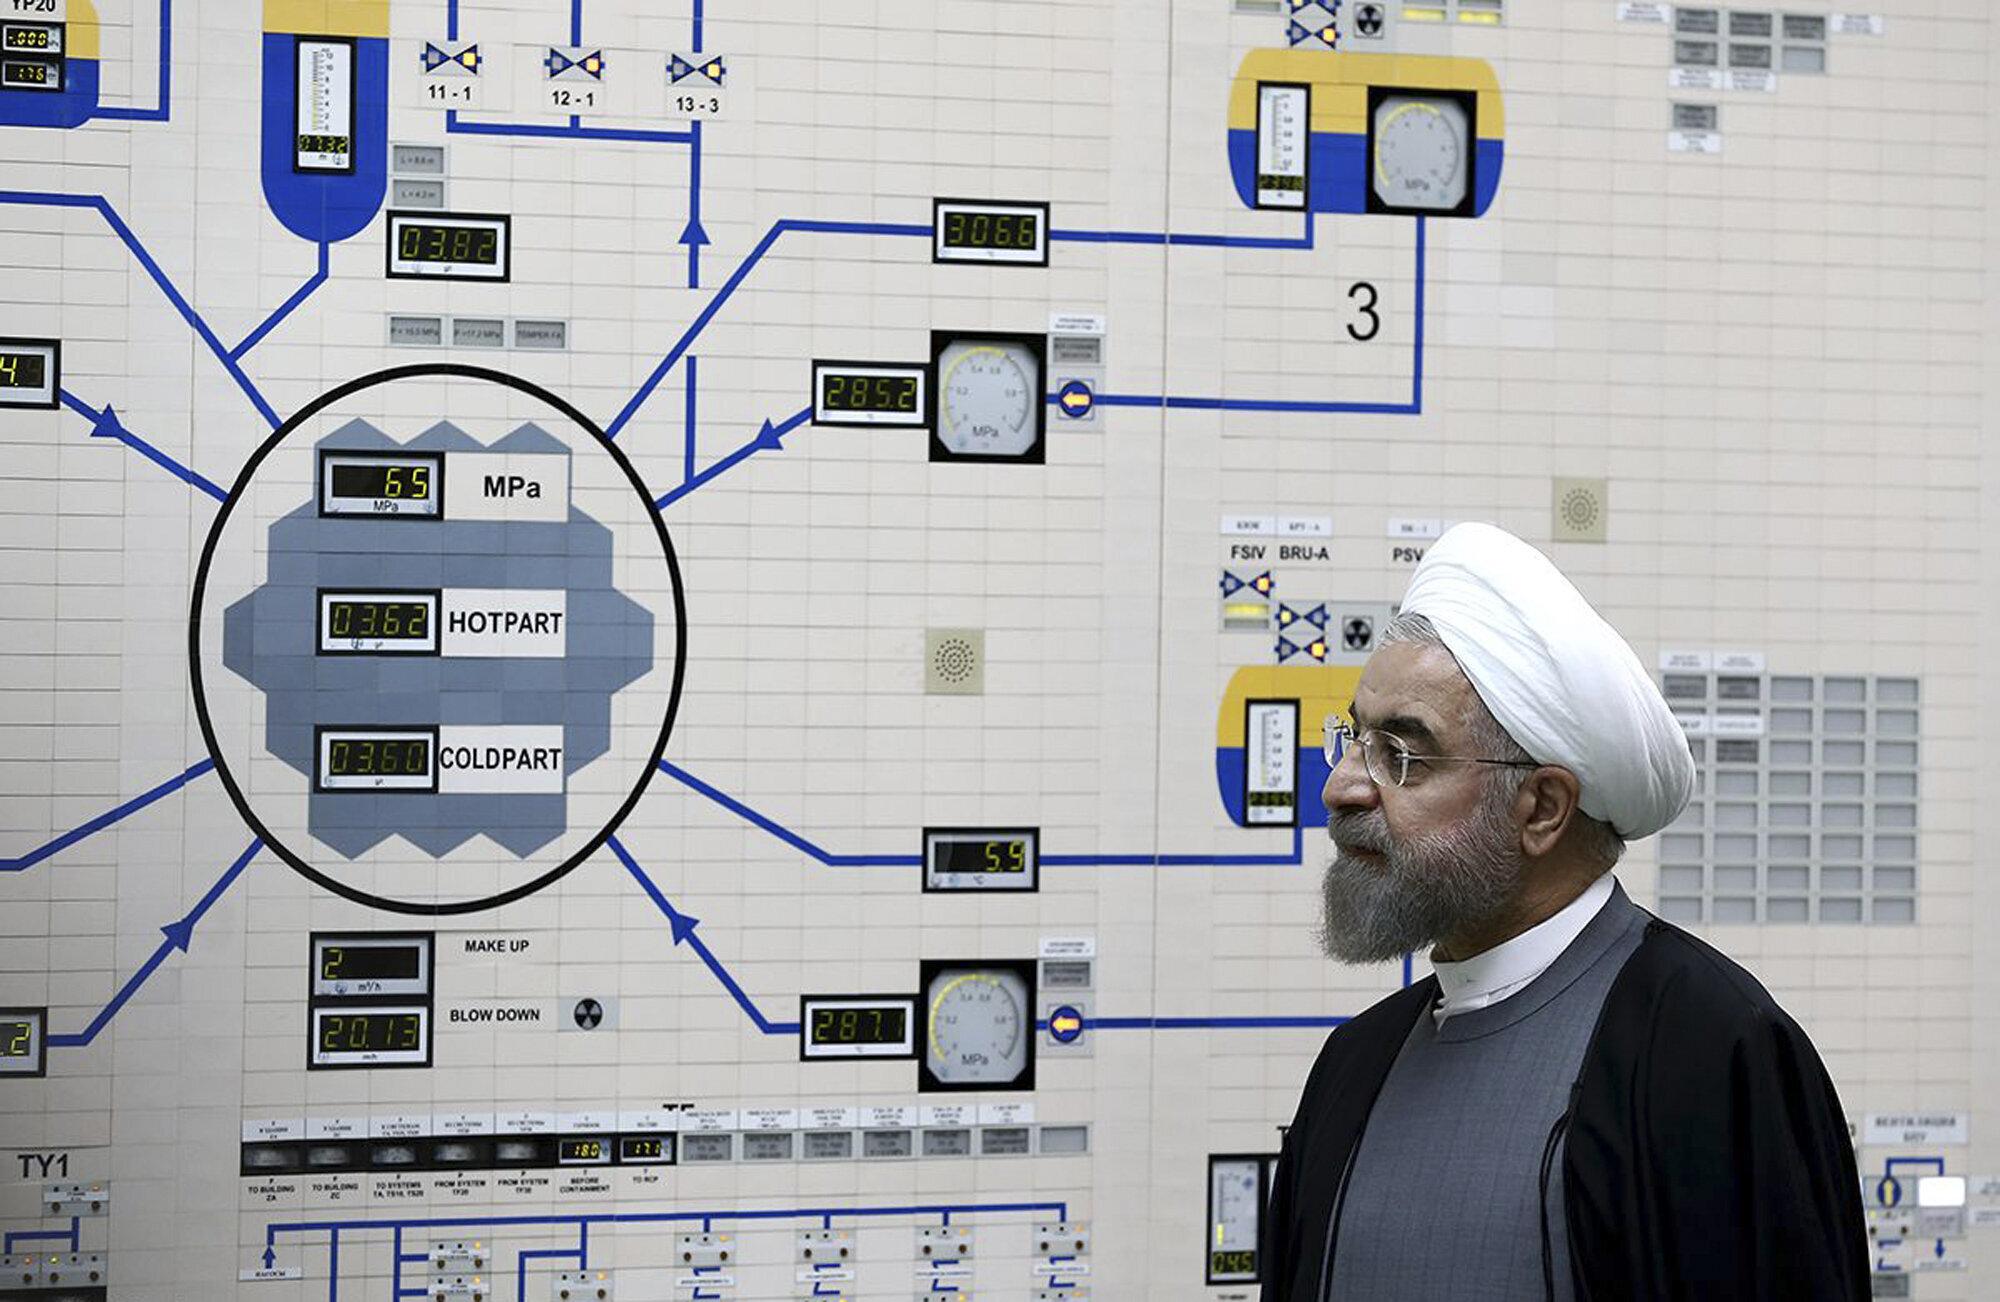 이란이 핵협정 일부 불이행을 선언했다. 미국과의 긴장이 고조되고